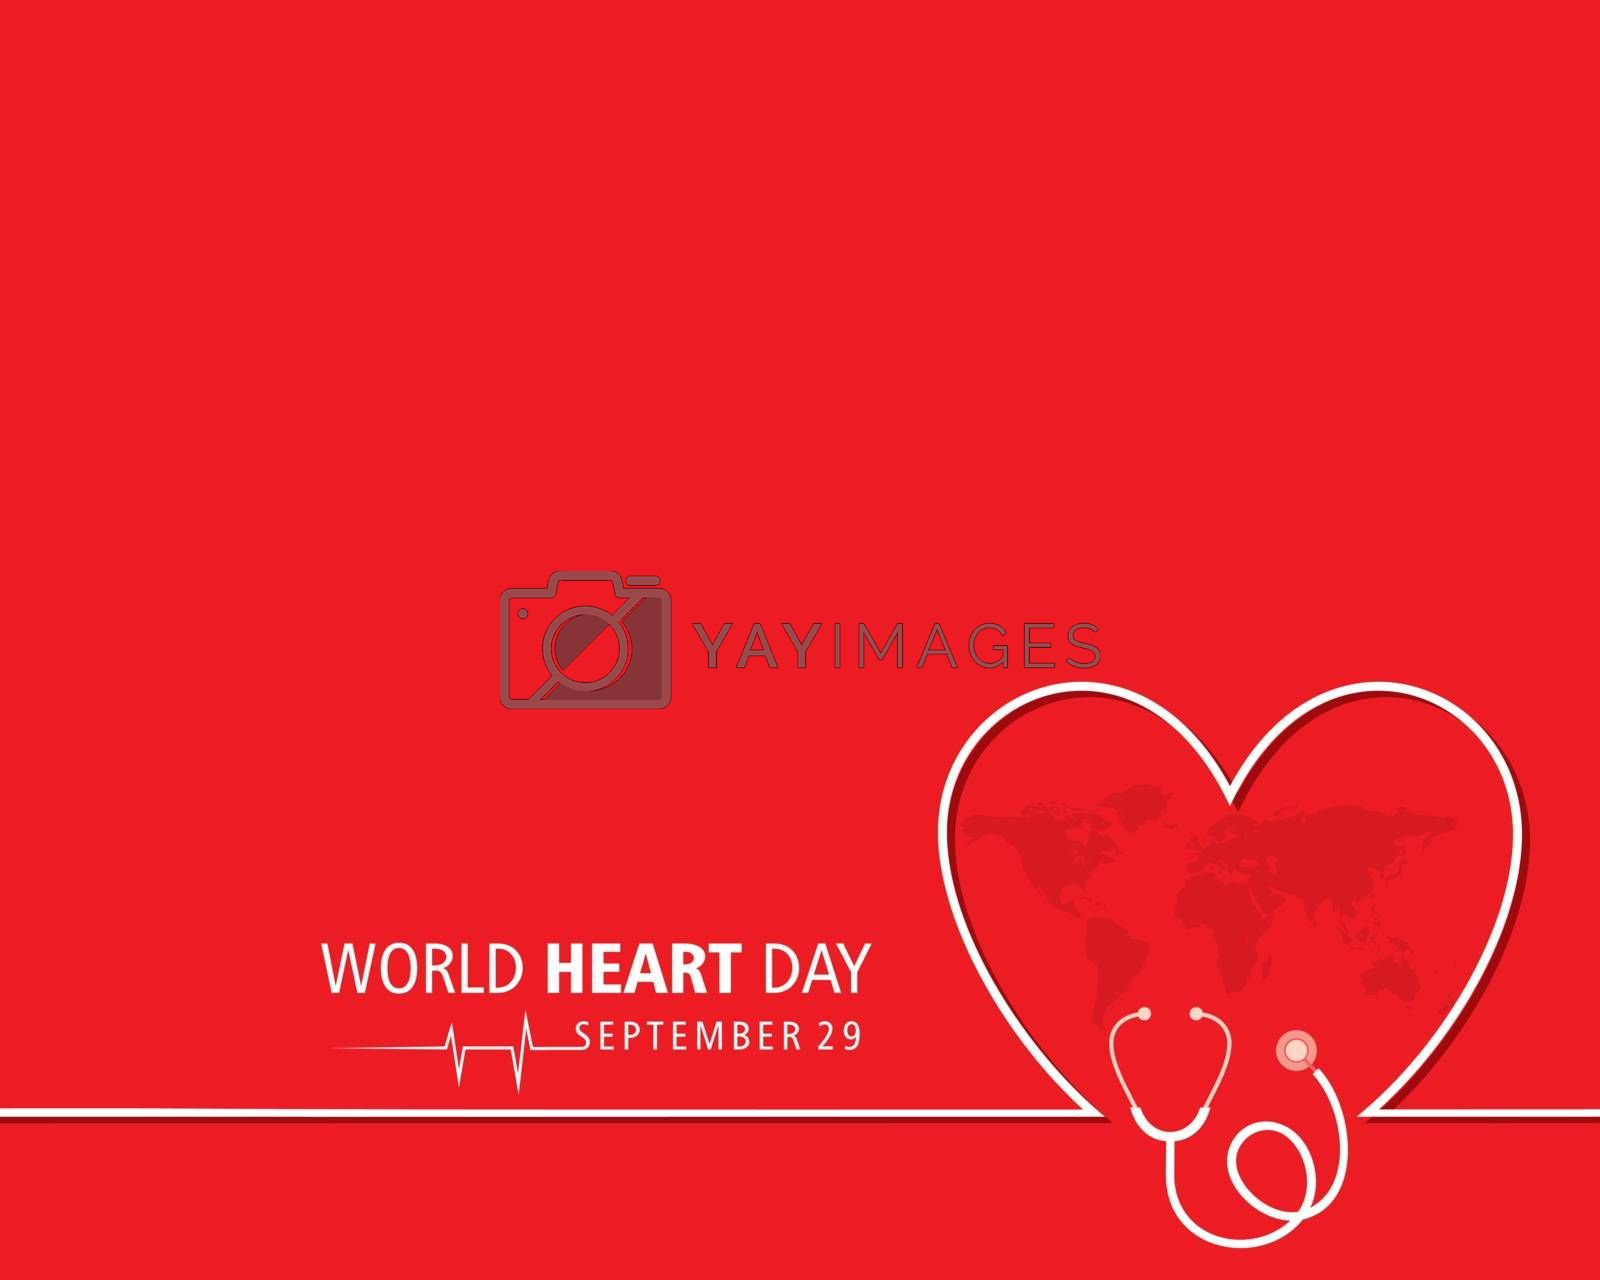 Vector Illustration of World Heart Day observed on 29 September